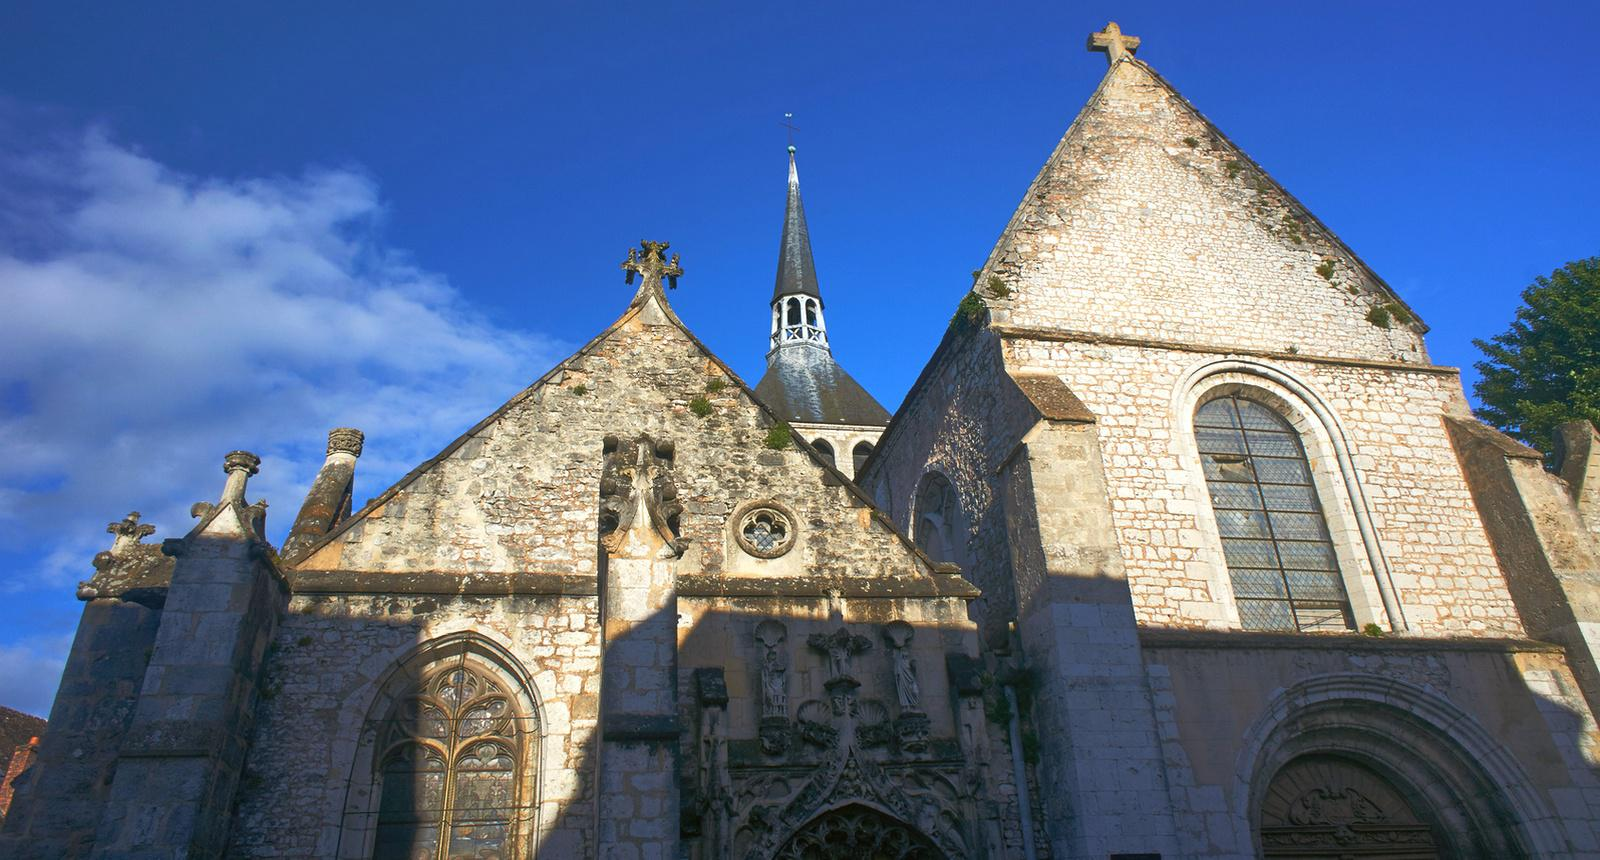 Eglise de Provins